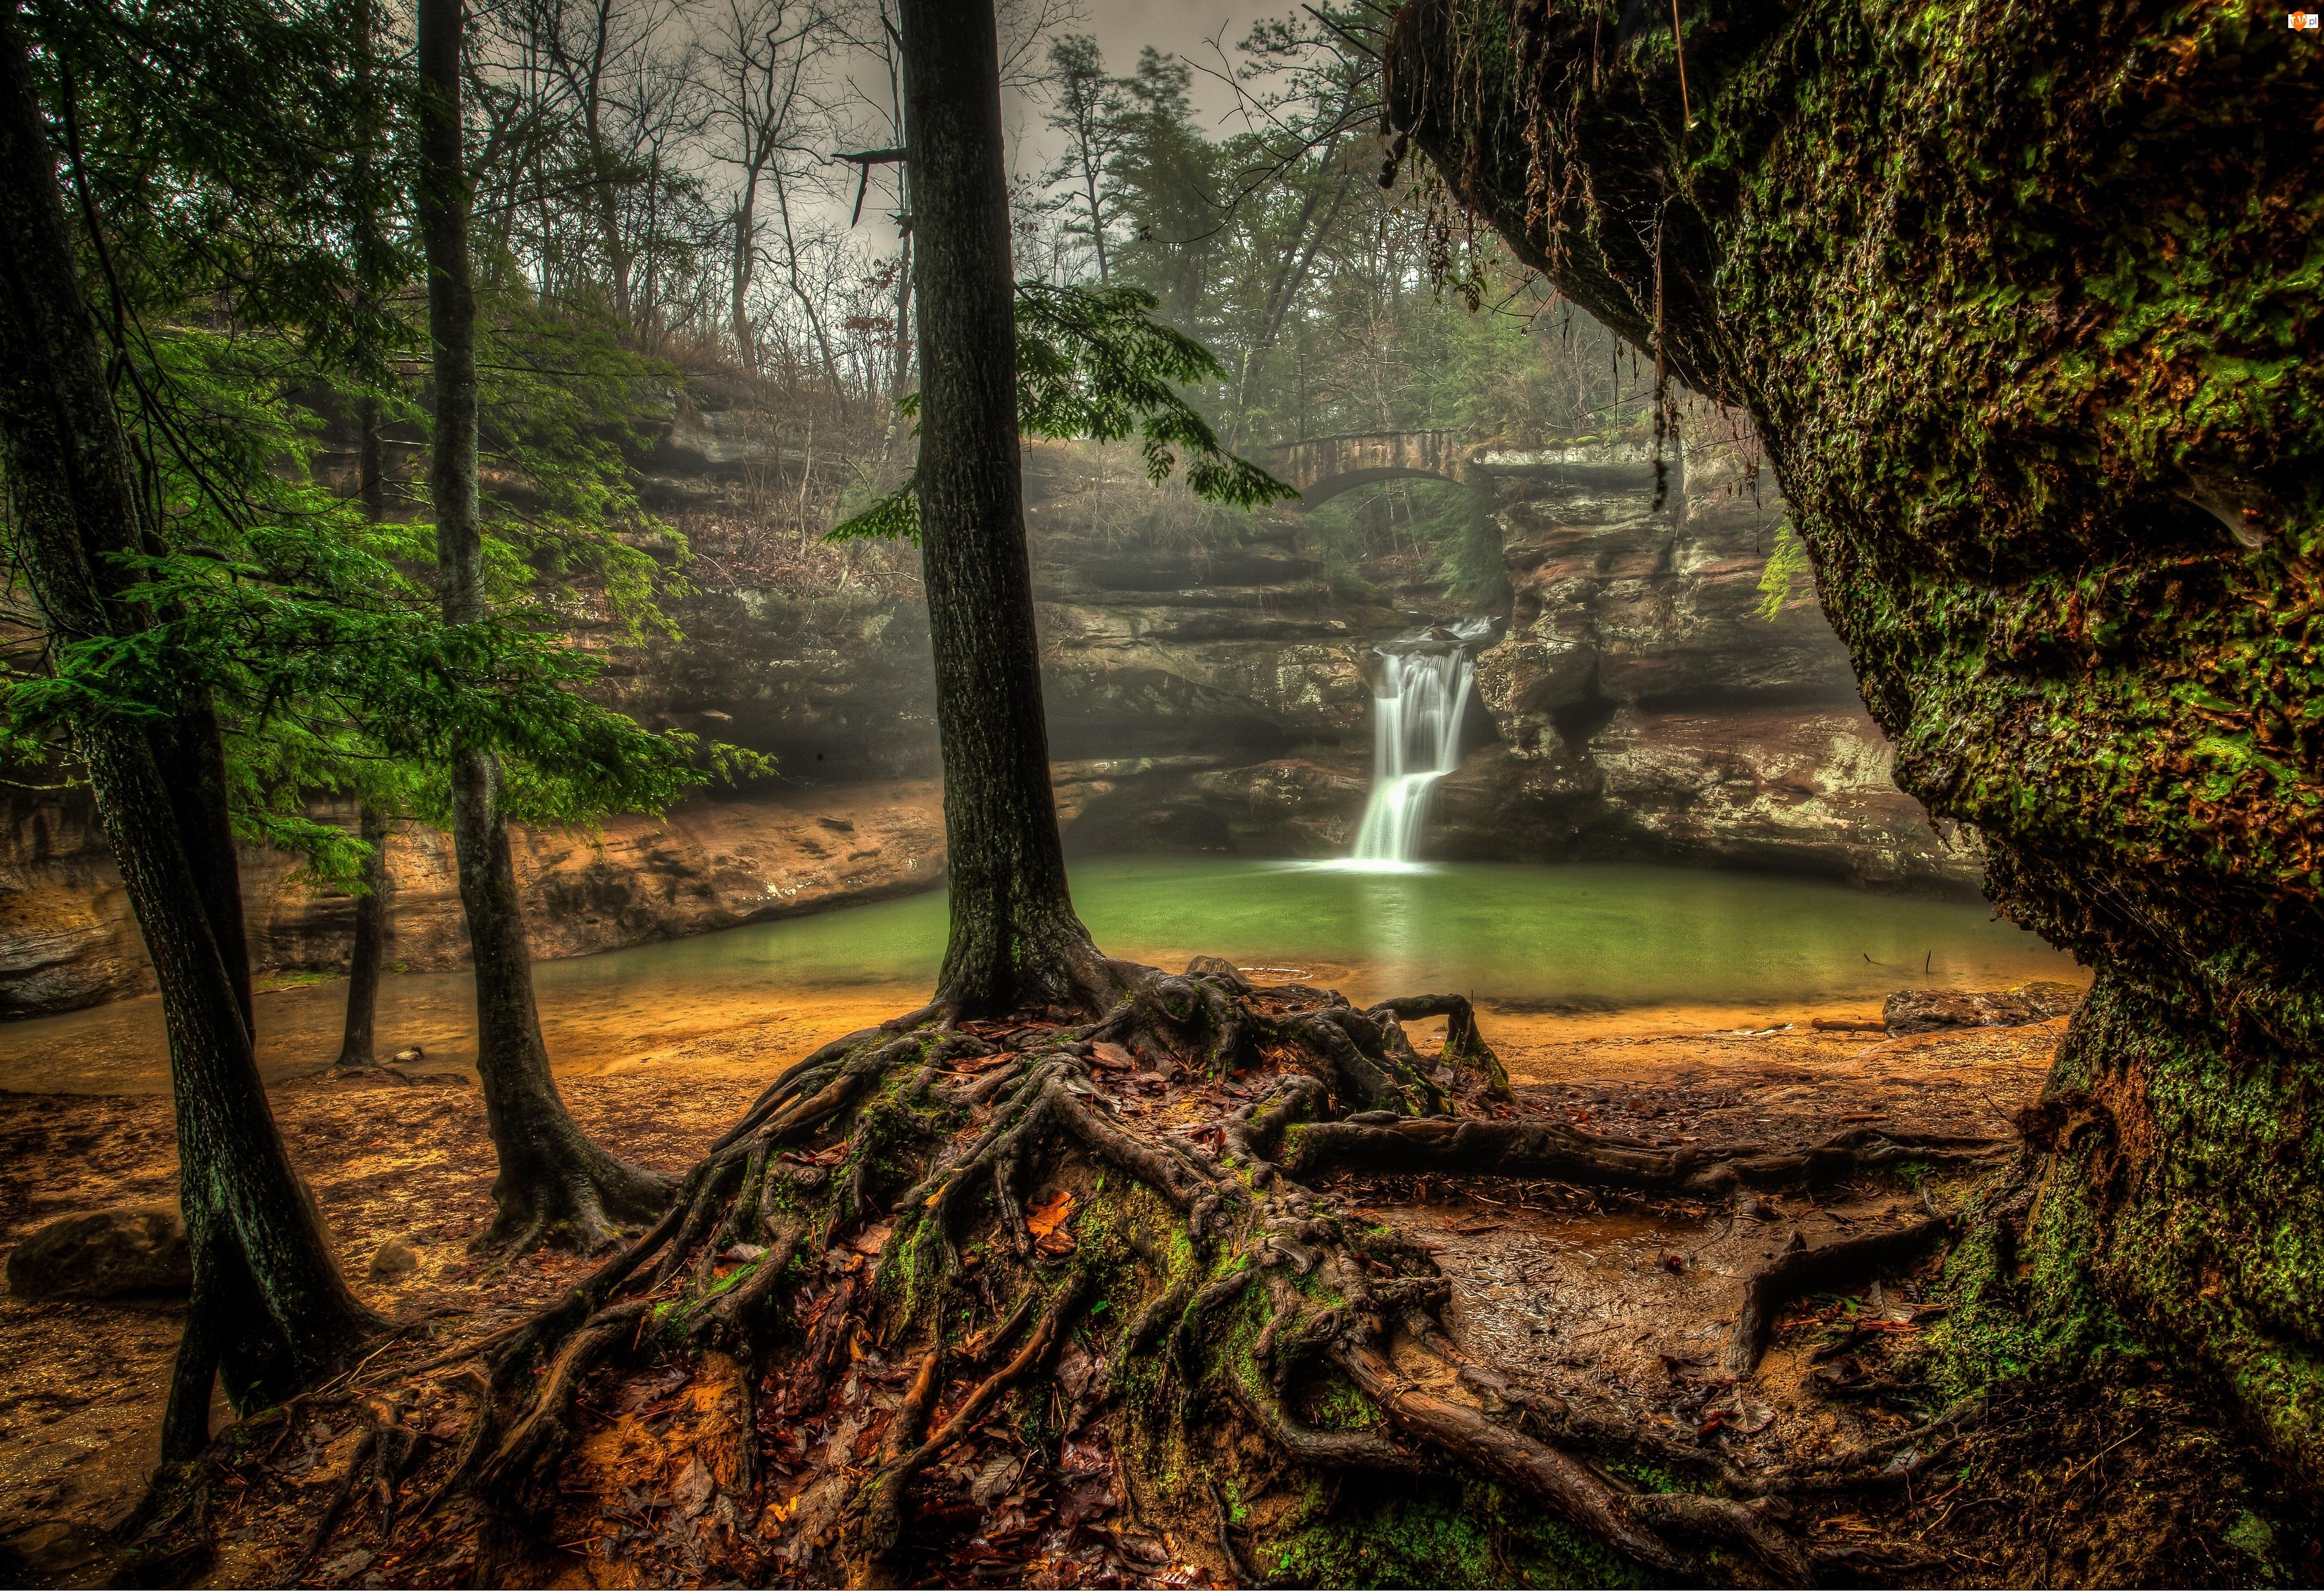 Korzenie, Las, Wodospad, Jeziorko, Drzewa